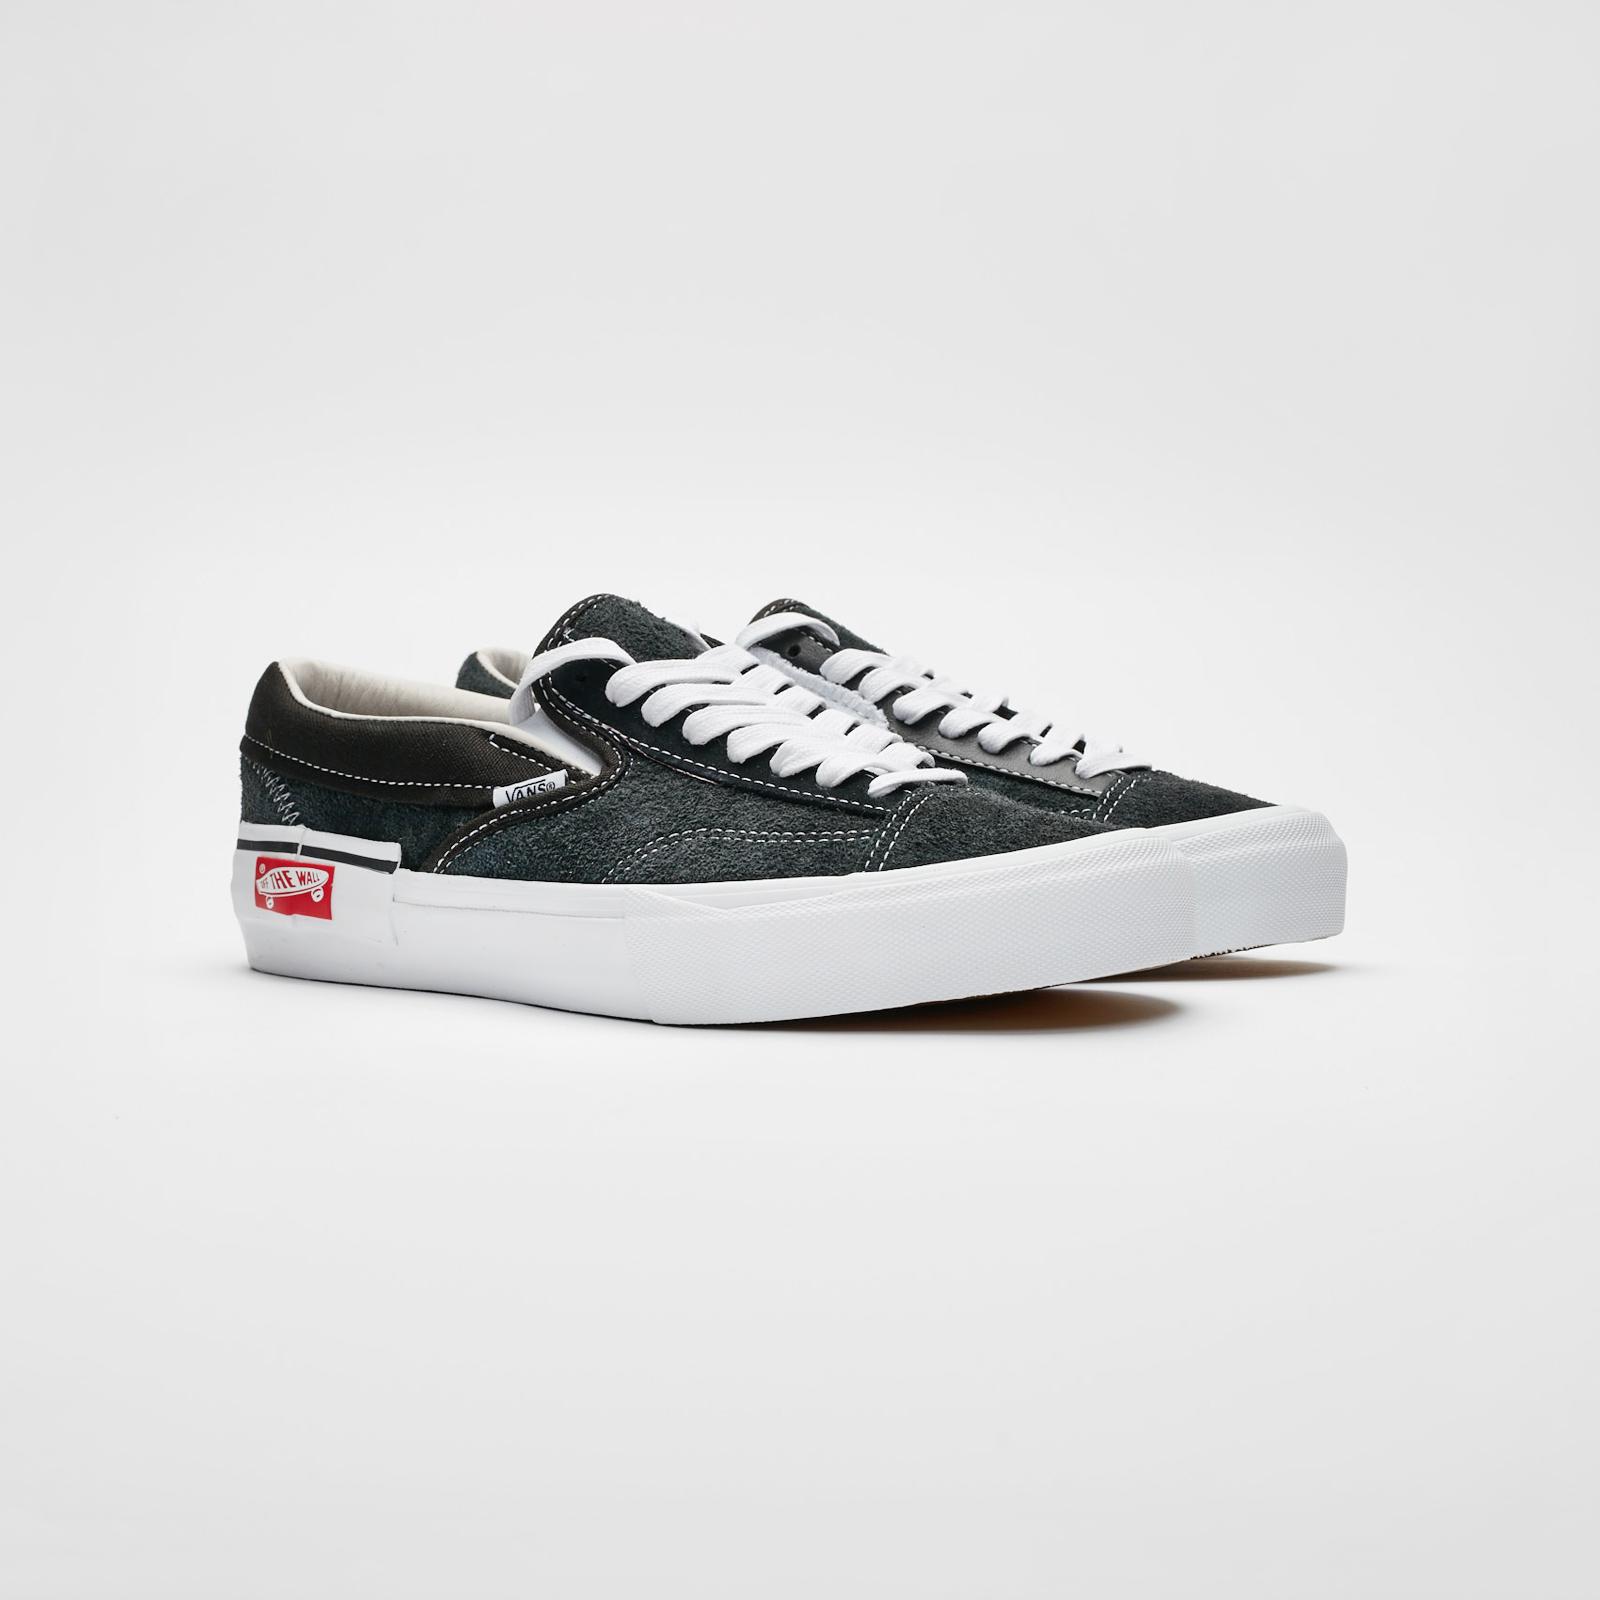 Vans UA Slip-On Cap LX - Va3tks6bt - Sneakersnstuff  eeca7eeee